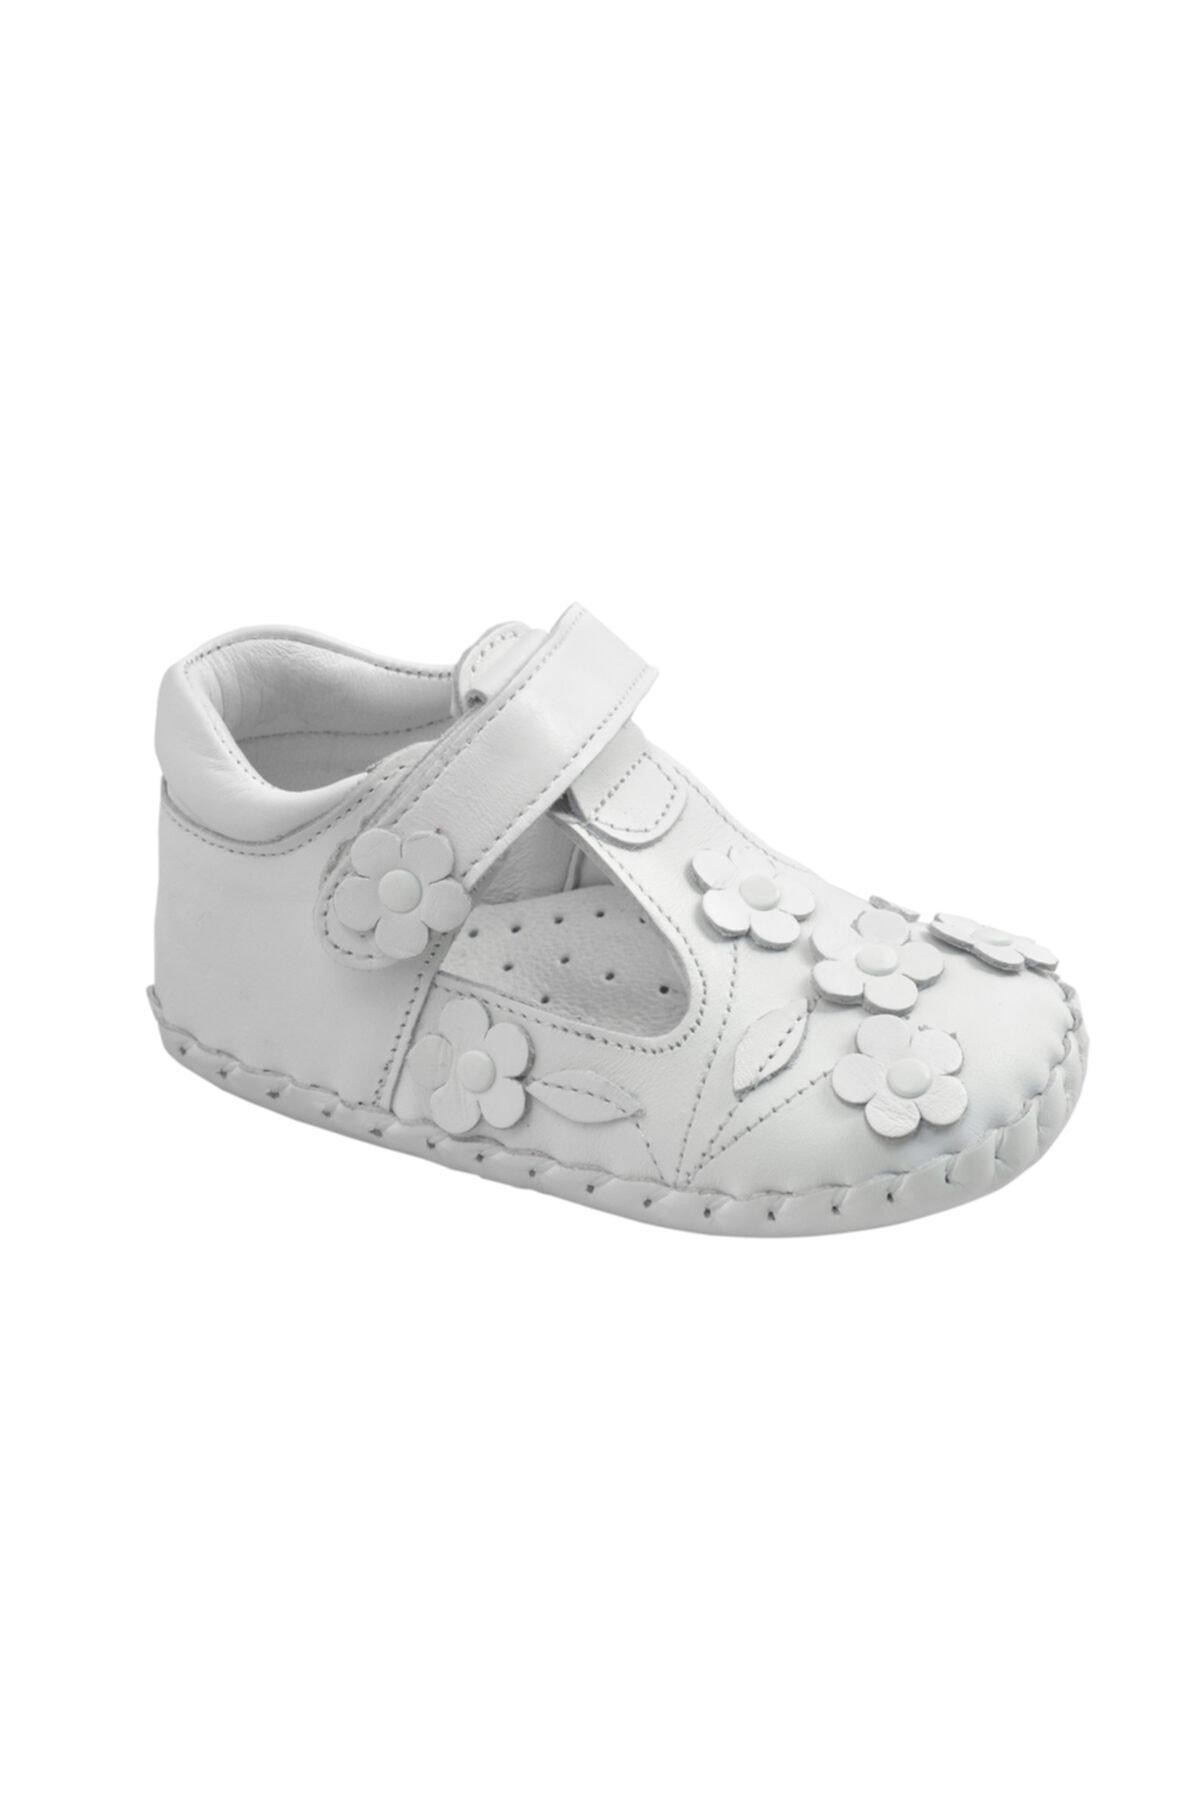 KAPTAN JUNIOR Ilkadım Hakiki Deri Kız Bebek Çocuk Ortopedik Ayakkabı Patik 1